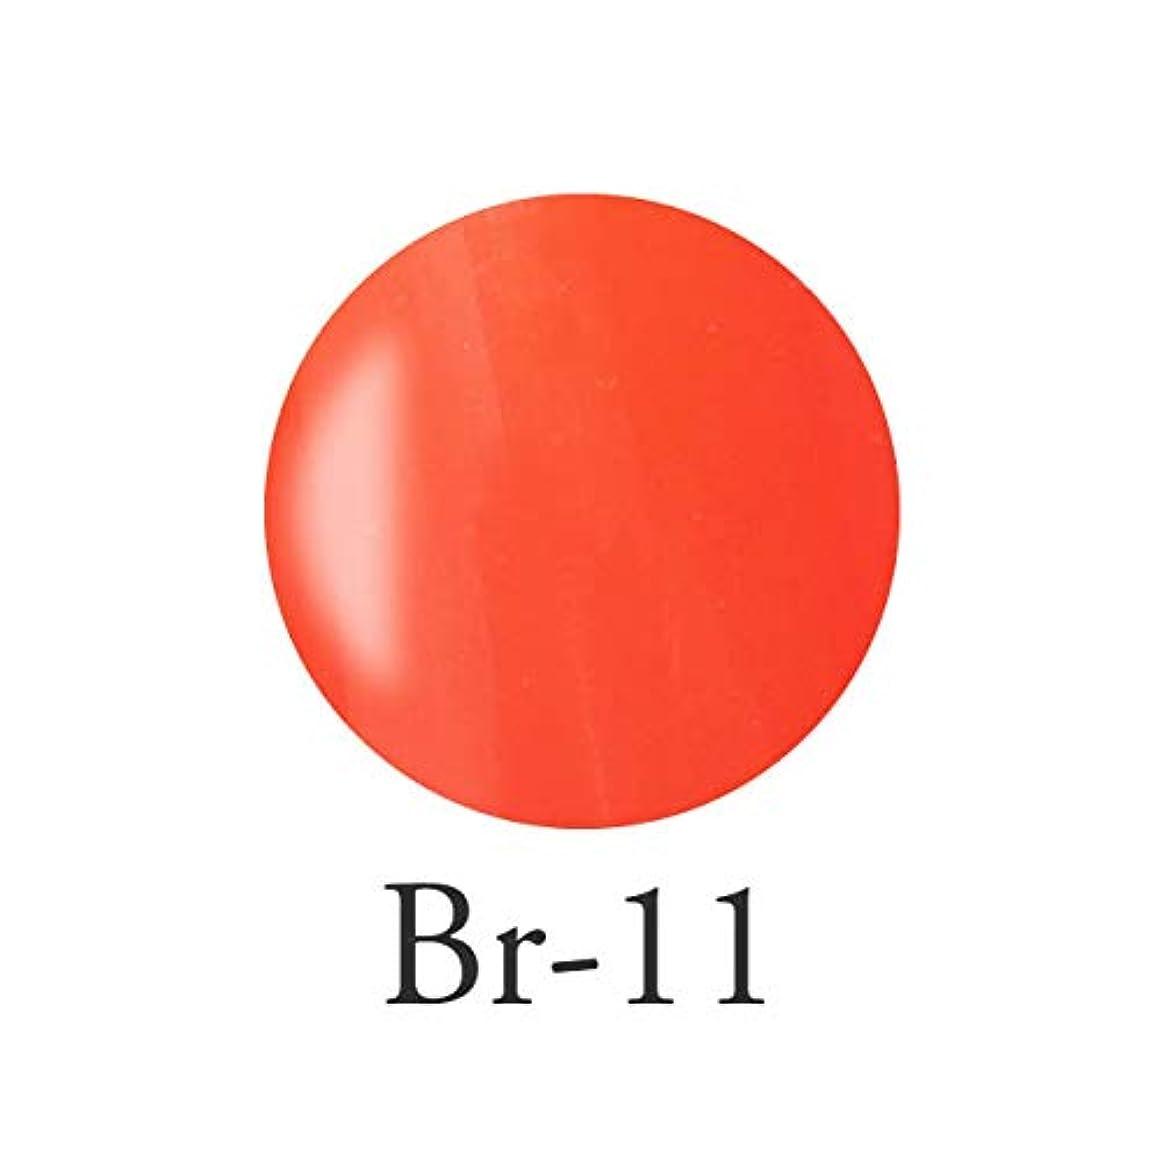 下品悪の迷惑エンジェル クィーンカラージェル コロンブオレンジ Br-11 3g